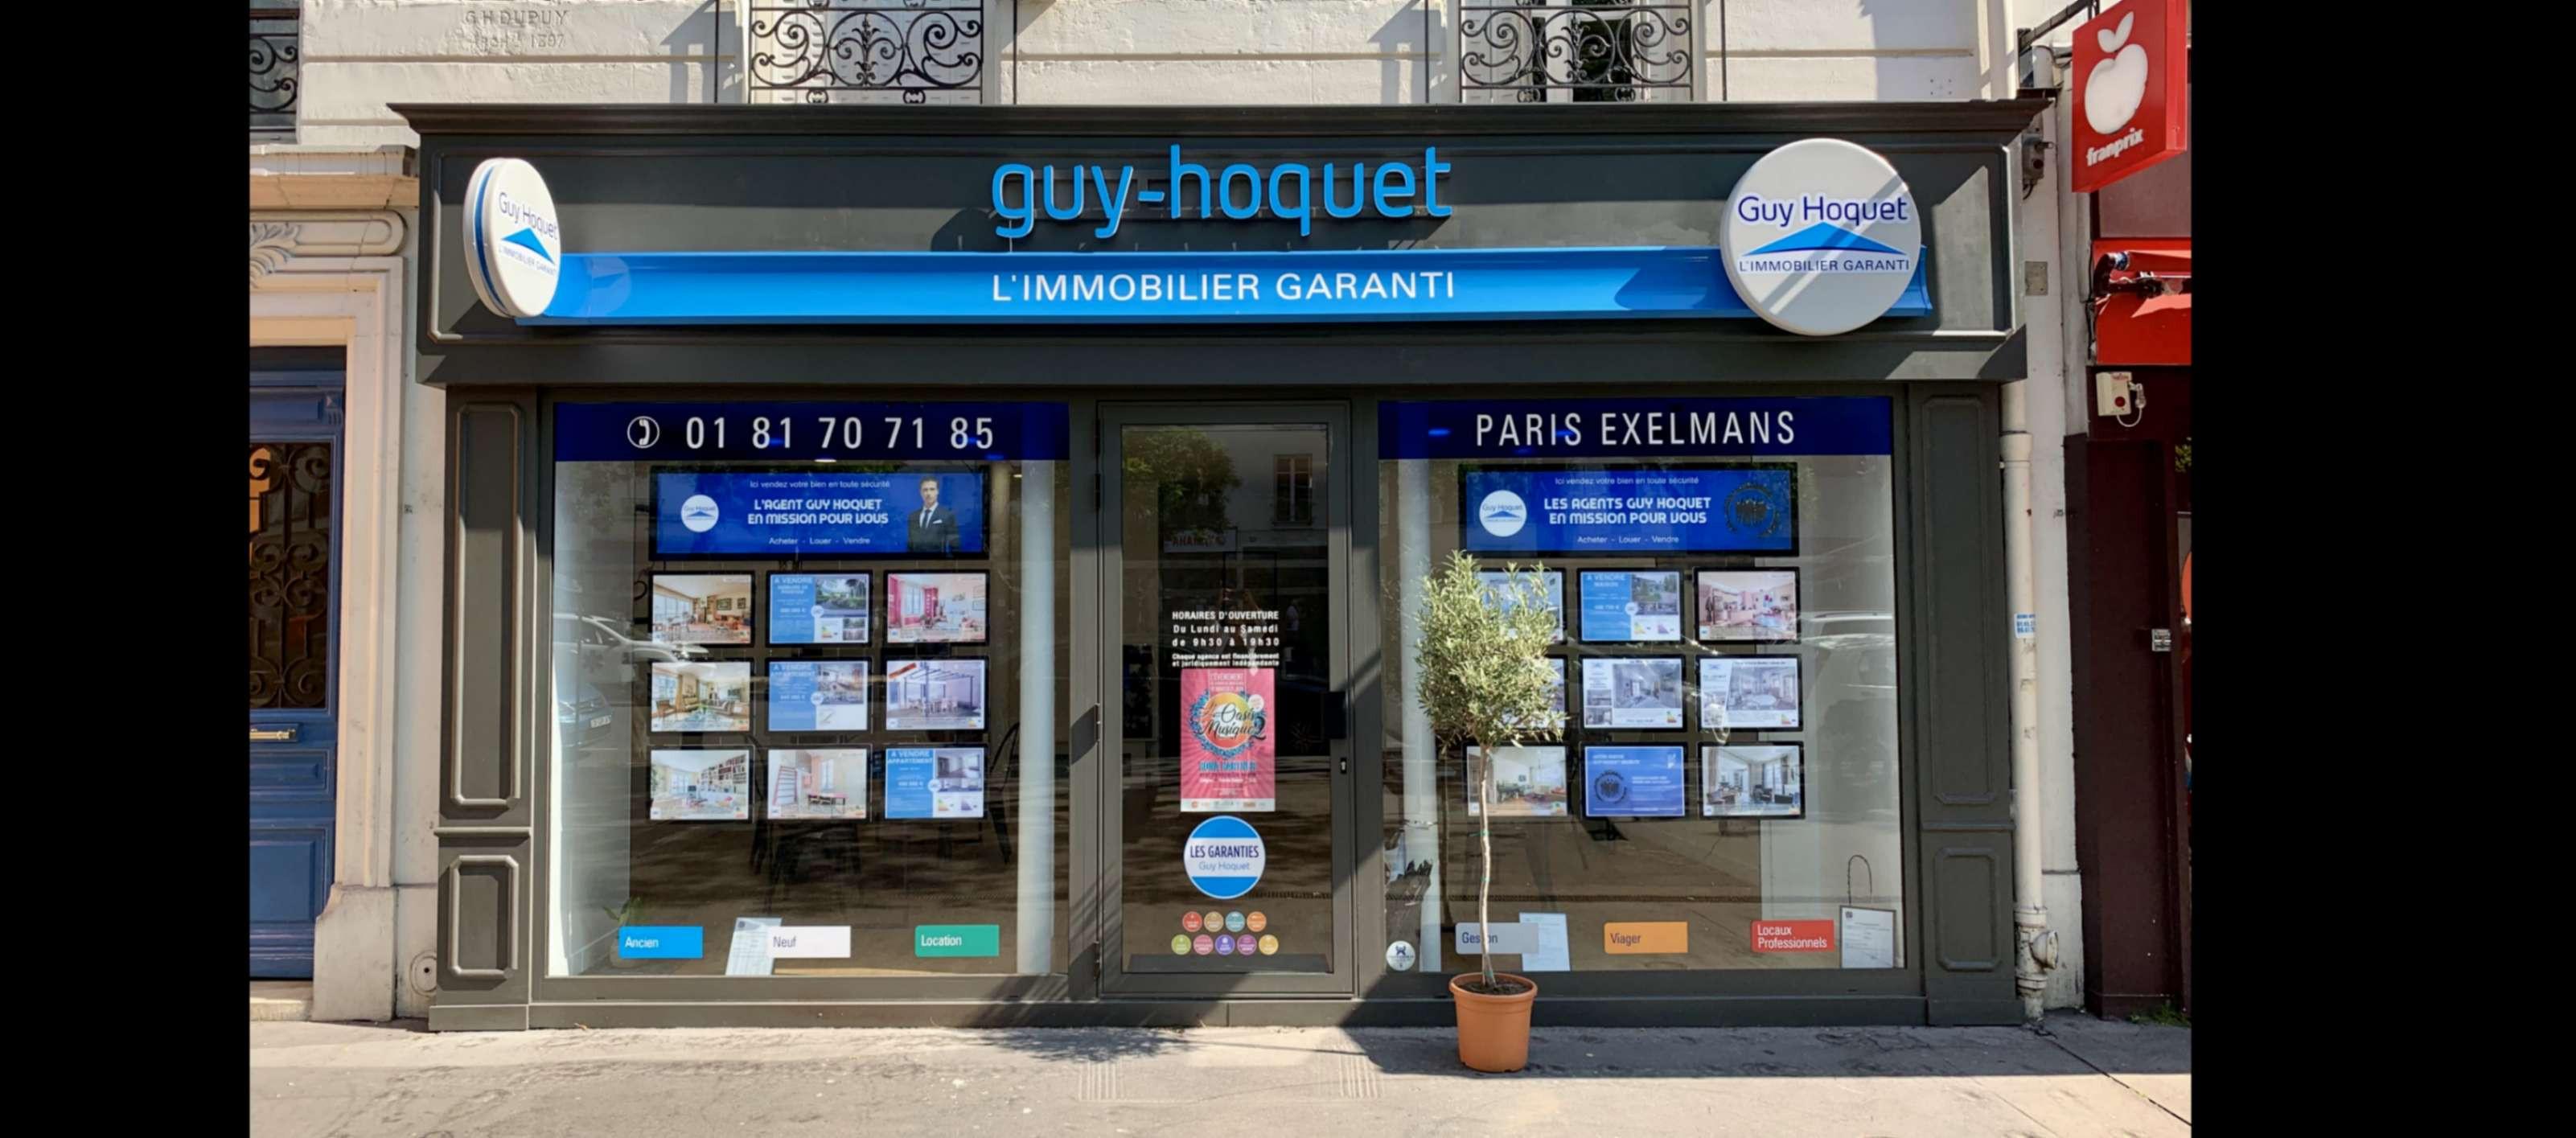 Agence Guy Hoquet PARIS 16 PORTE DE ST CLOUD